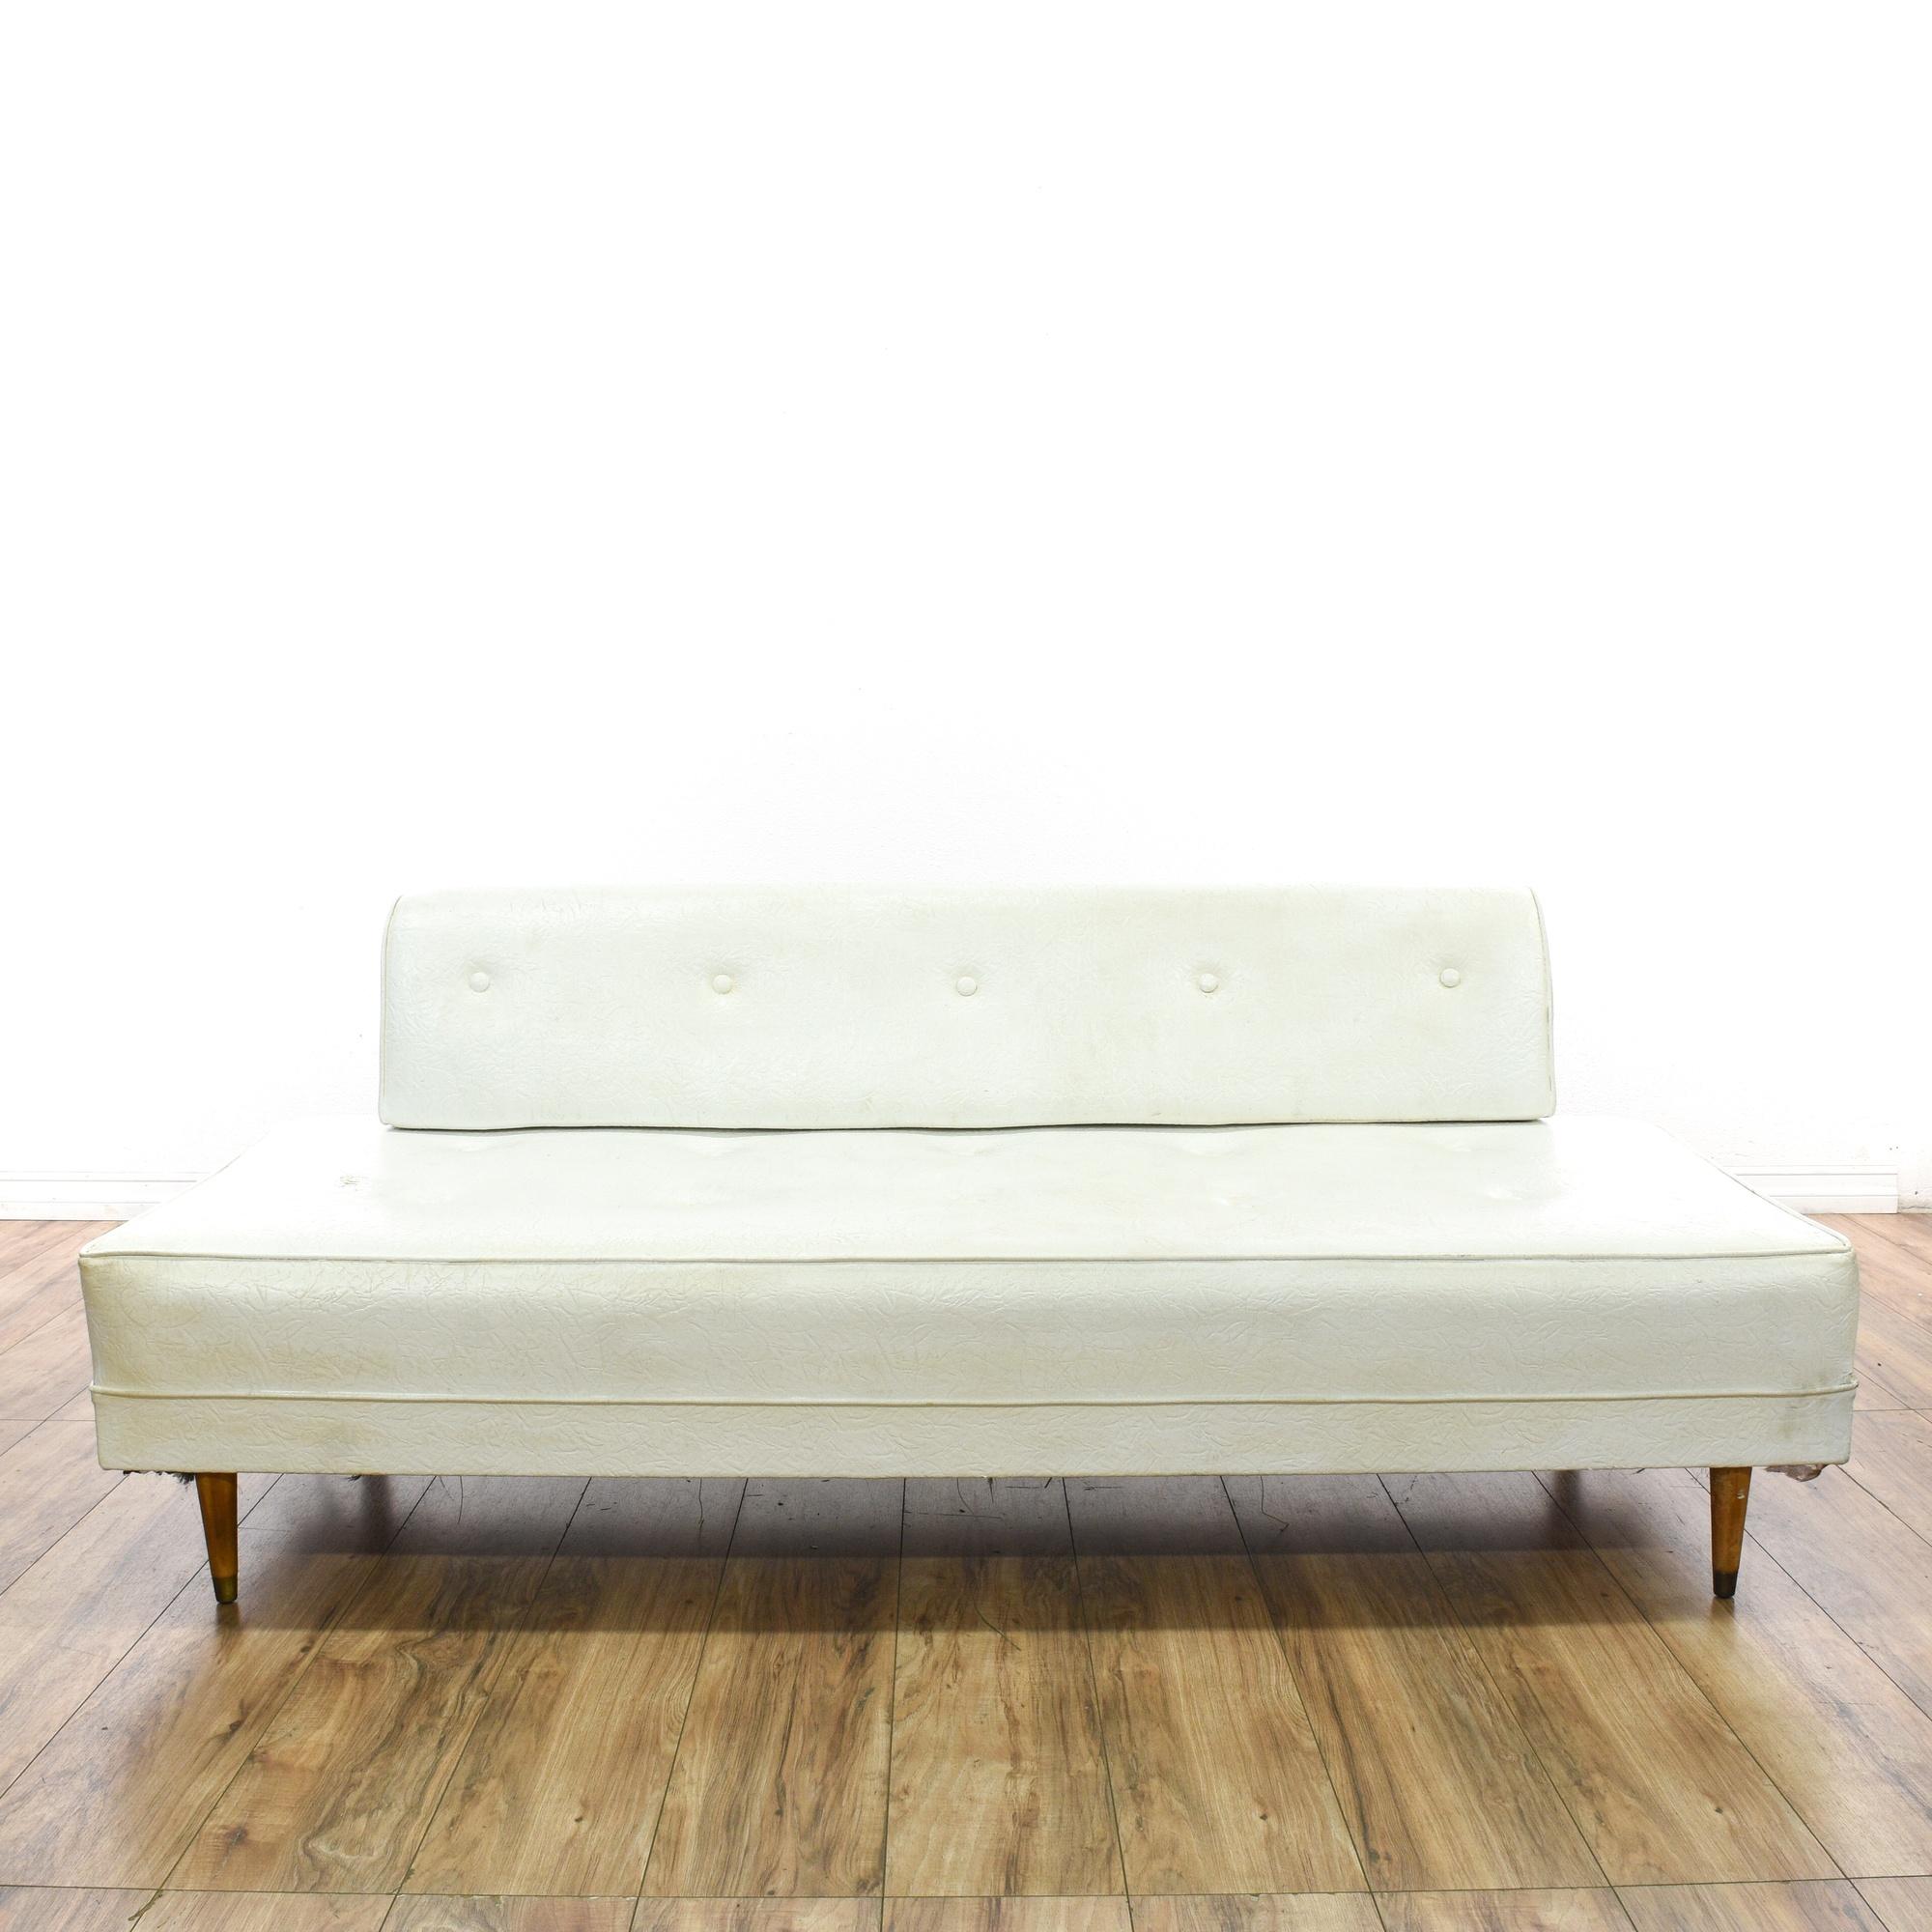 Mid Century Modern White Vinyl Daybed Sofa | Loveseat Vintage Furniture San  Diego